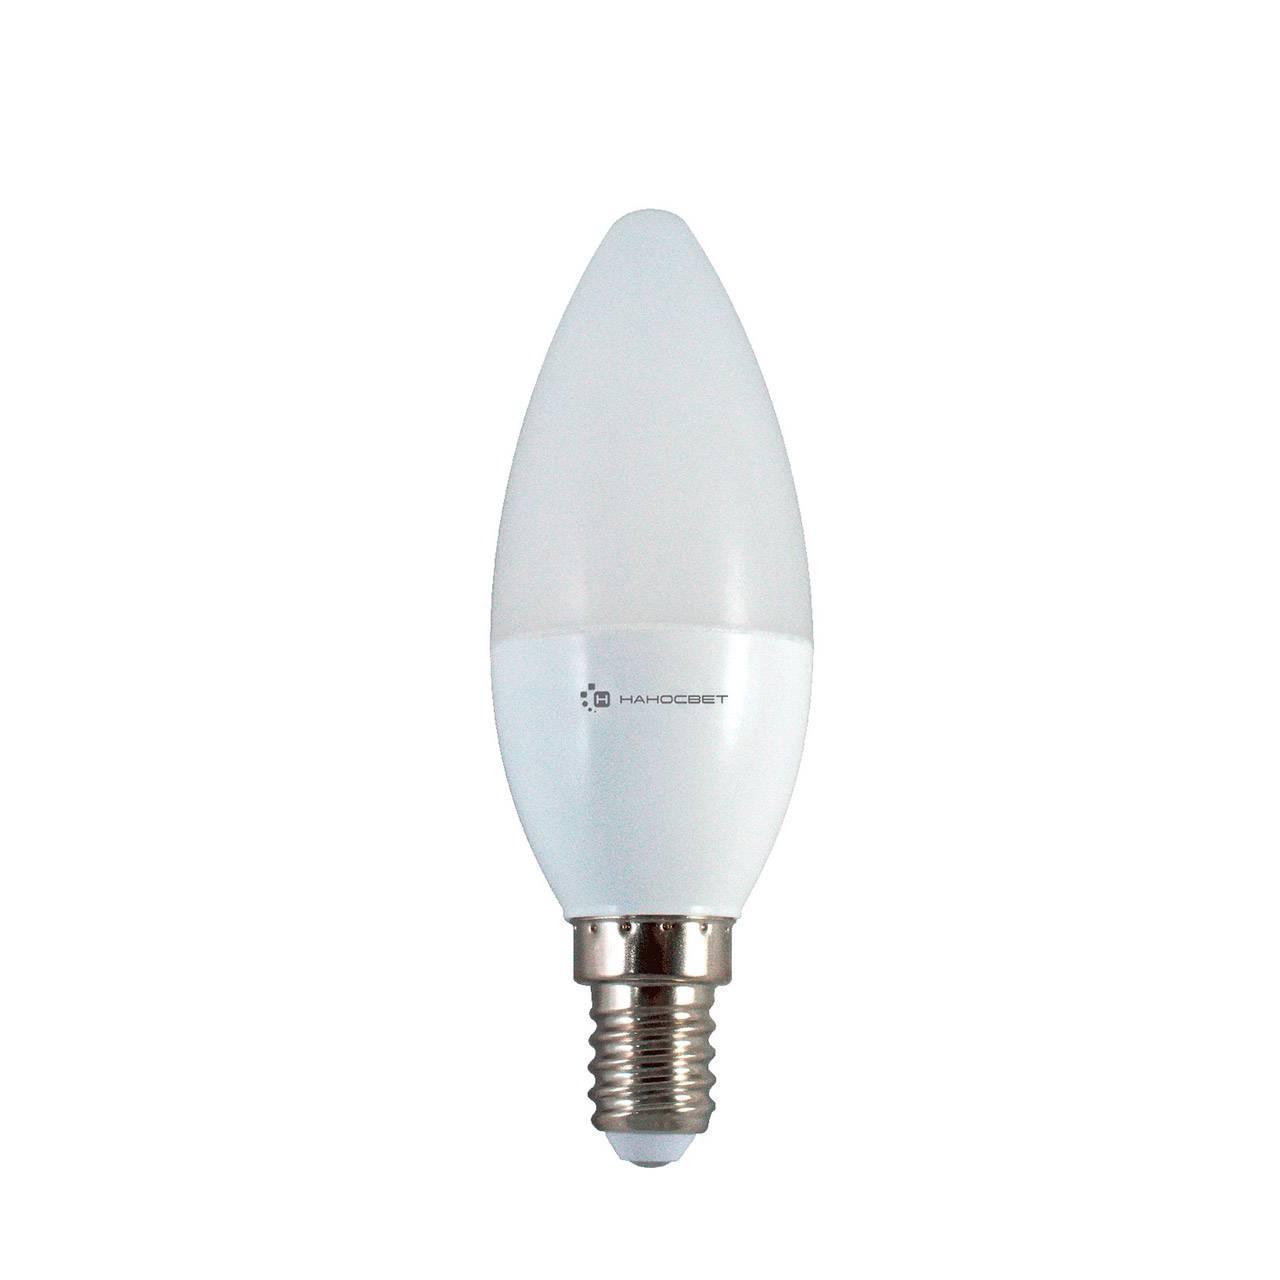 Лампа светодиодная E14 6W 2700K матовая LE-CD-6/E14/827 L250 лампа cветодиодная e14 6w 2700k свеча матовая 33116